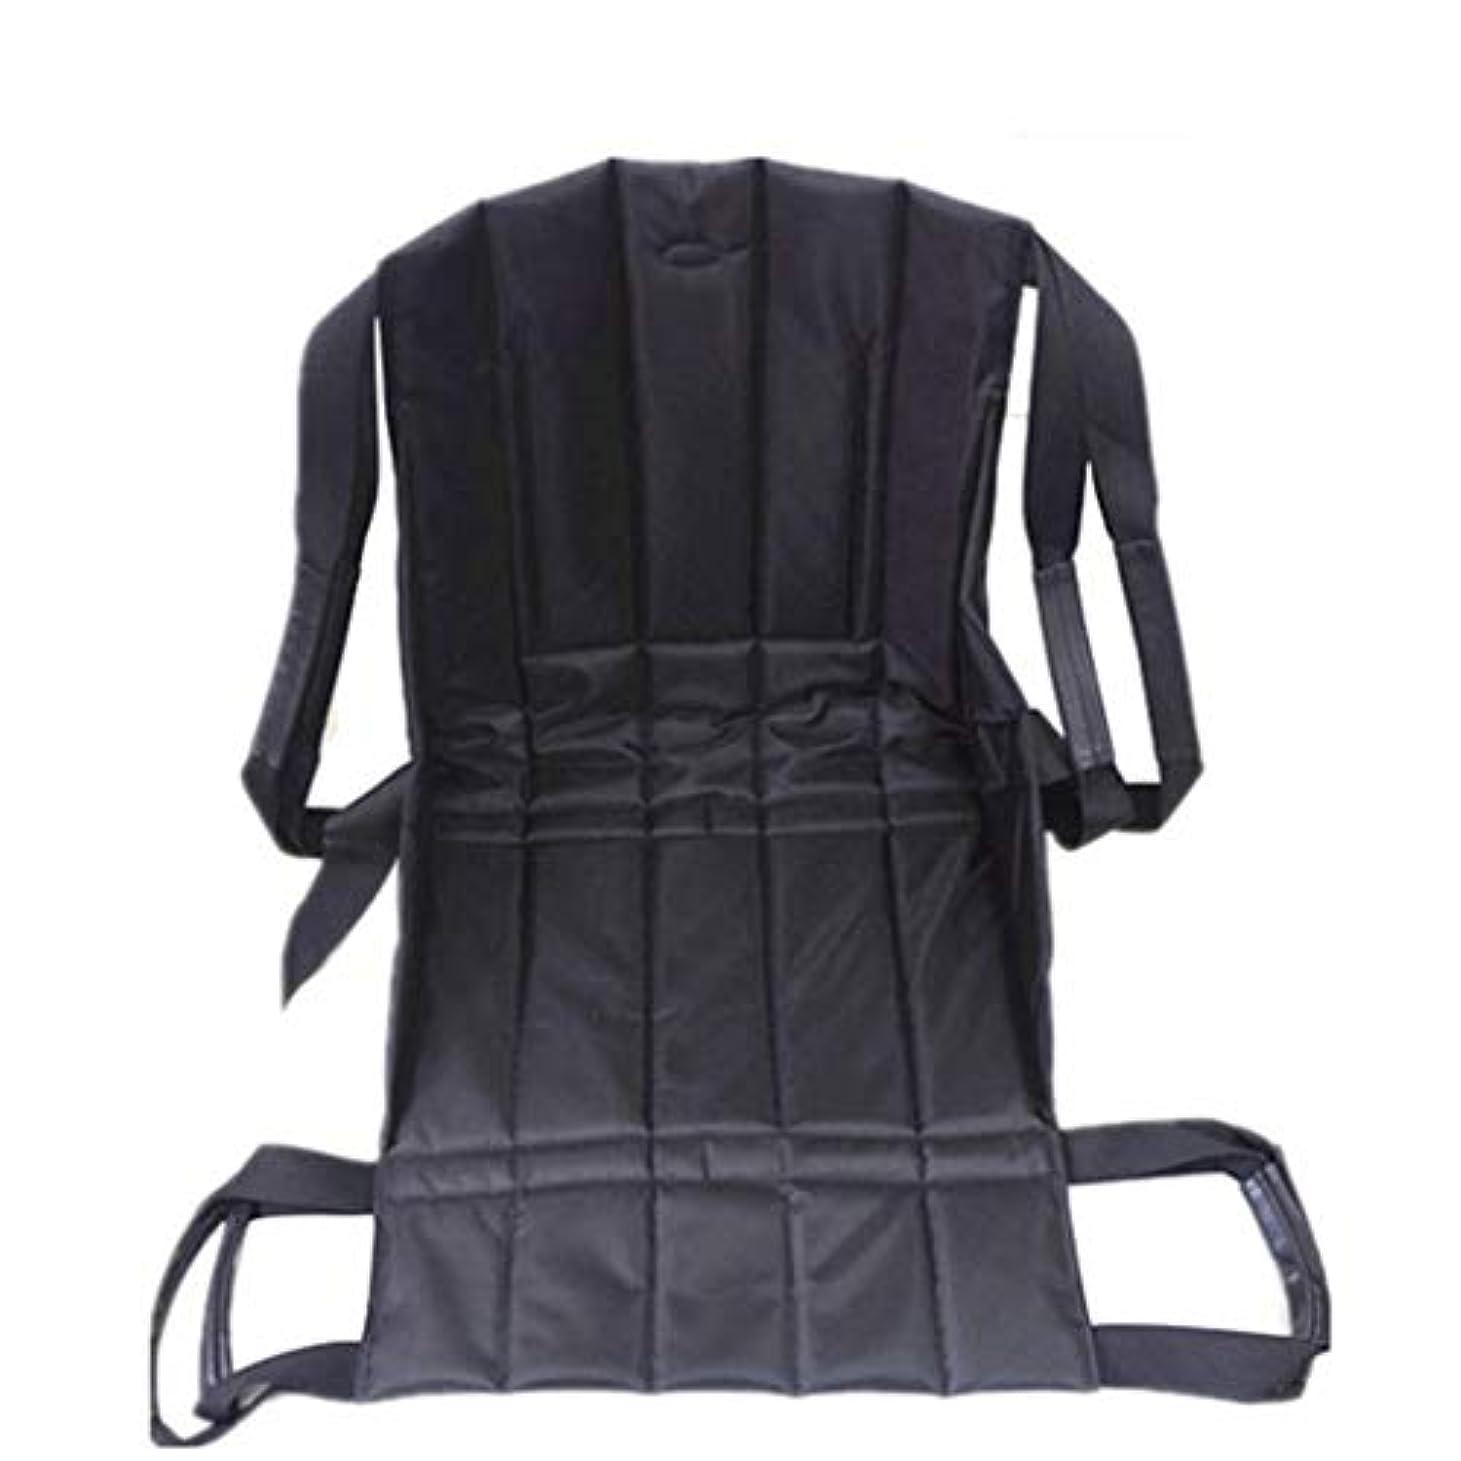 理容室不変分散患者リフト階段スライドボード移動緊急避難用椅子車椅子シートベルト安全全身医療用リフティングスリングスライディング移動ディスク使用高齢者用